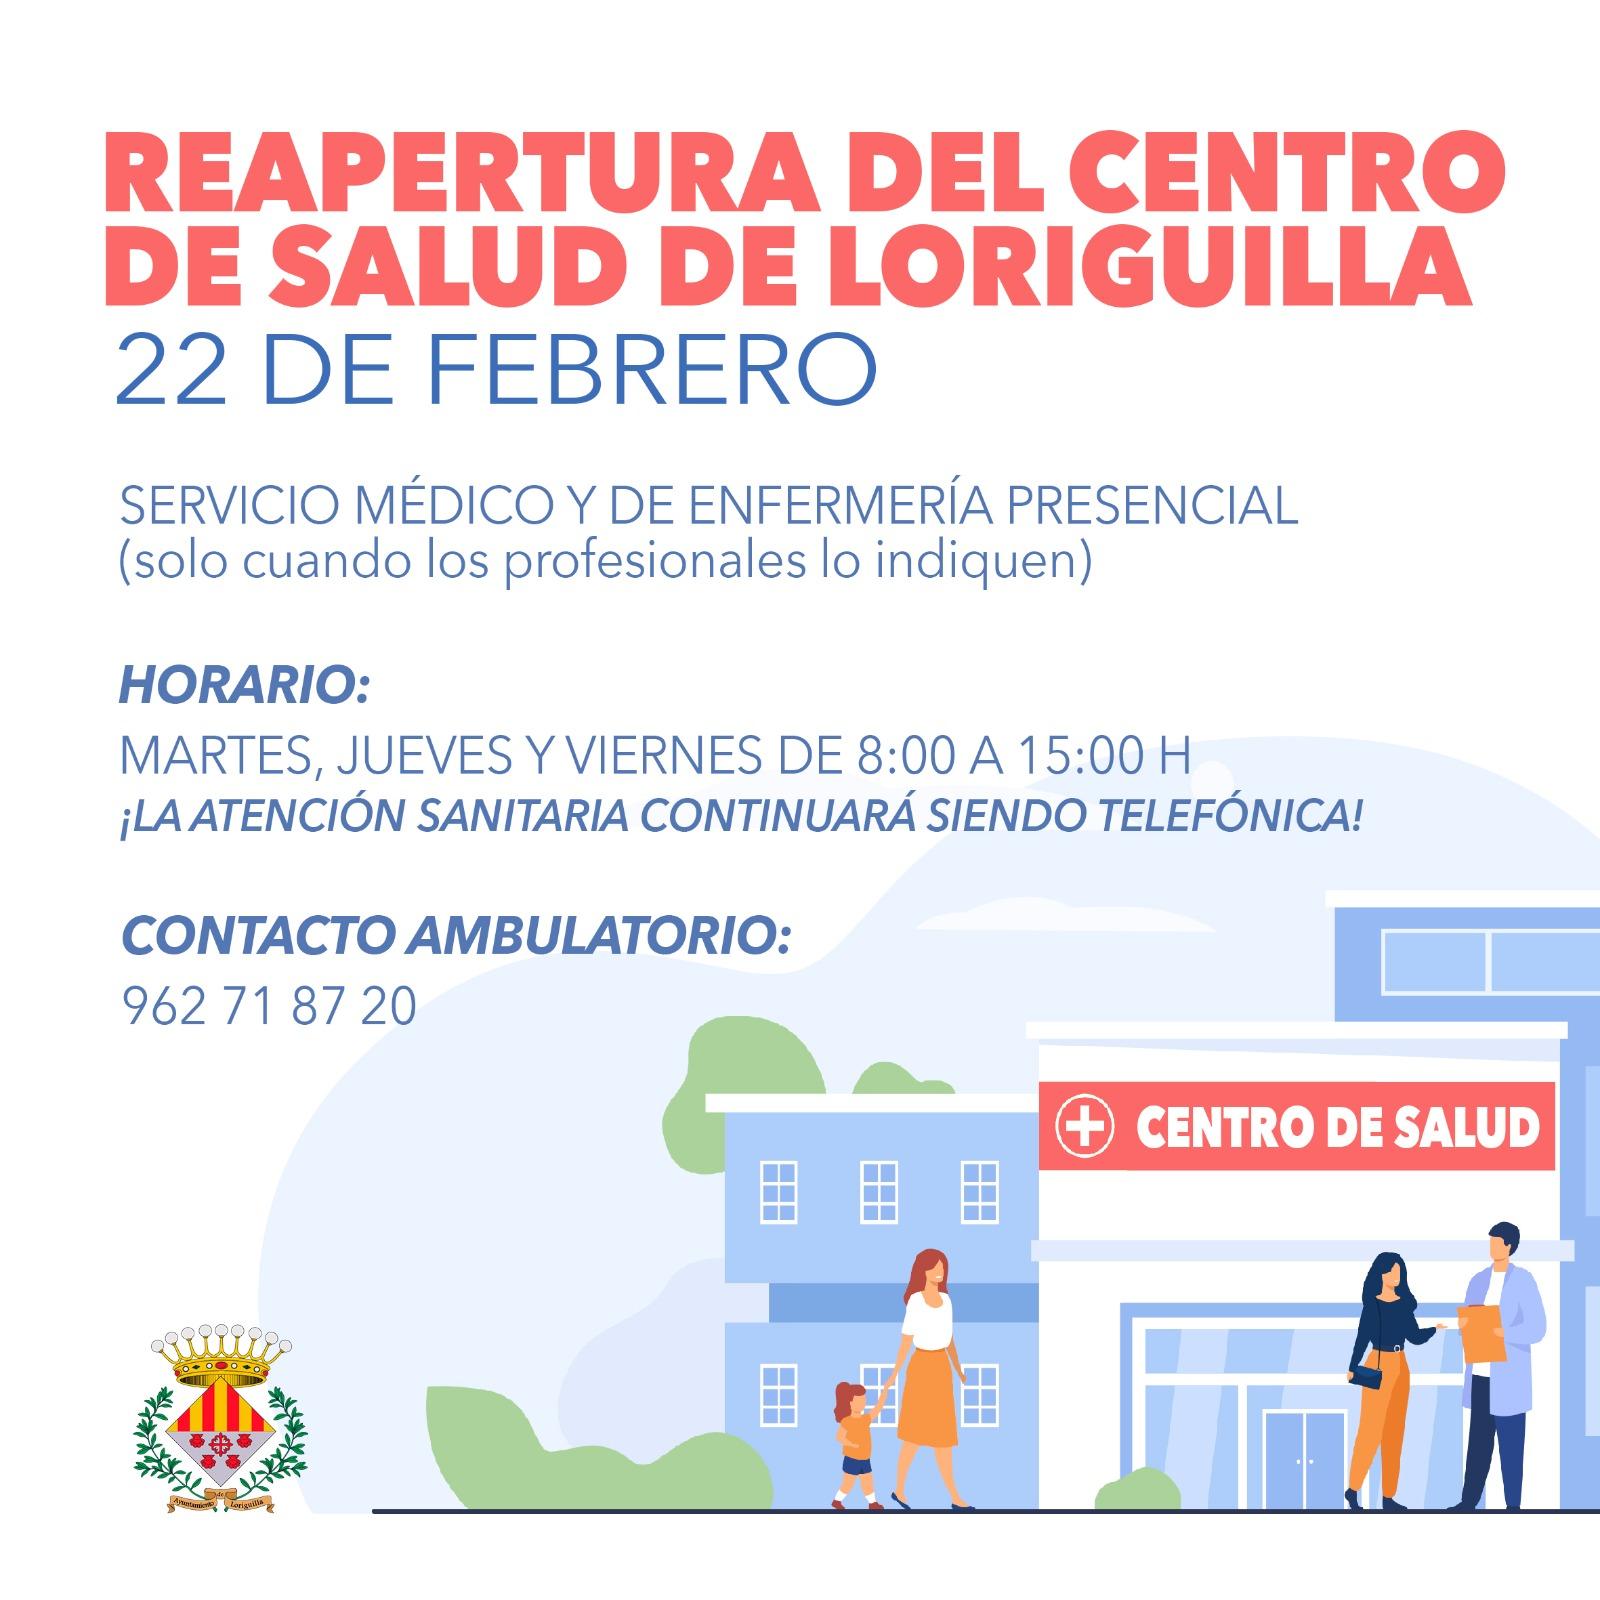 El Centro de Salud de Loriguilla volverá abrir con atención presencial el 22 de febrero